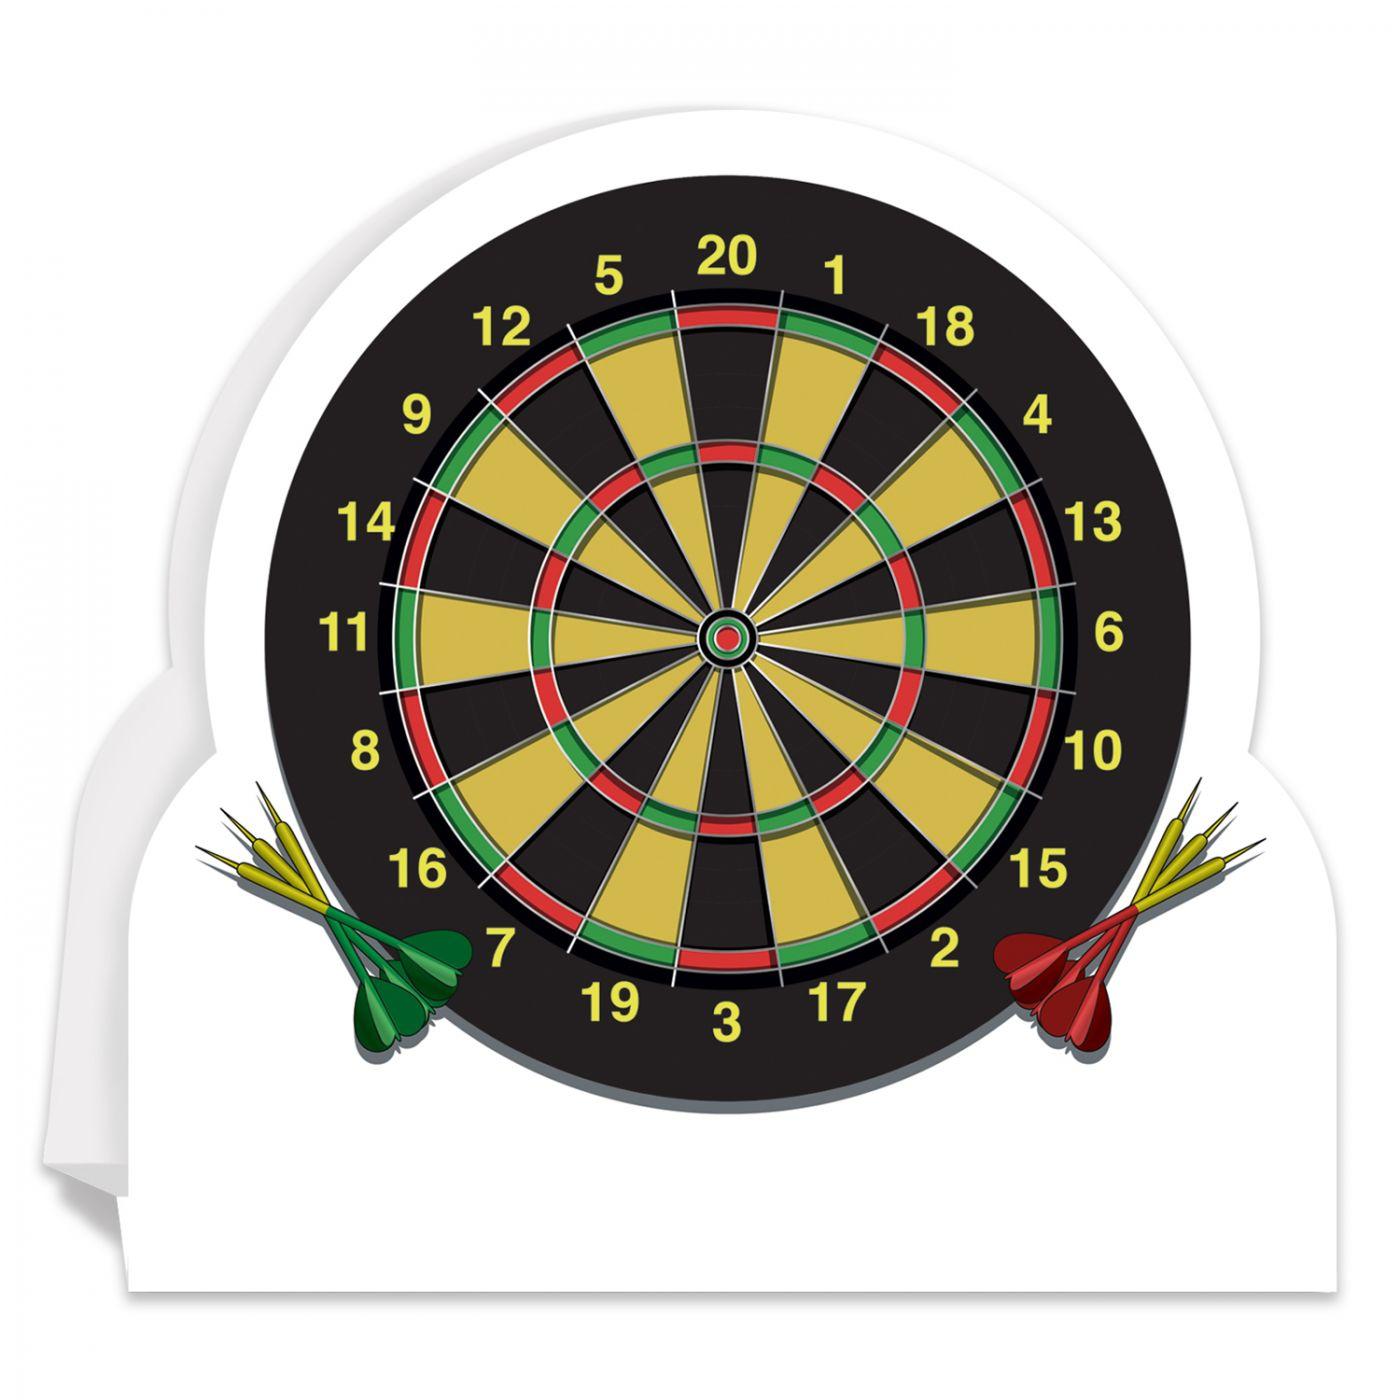 Dartboard 3D Centerpiece image